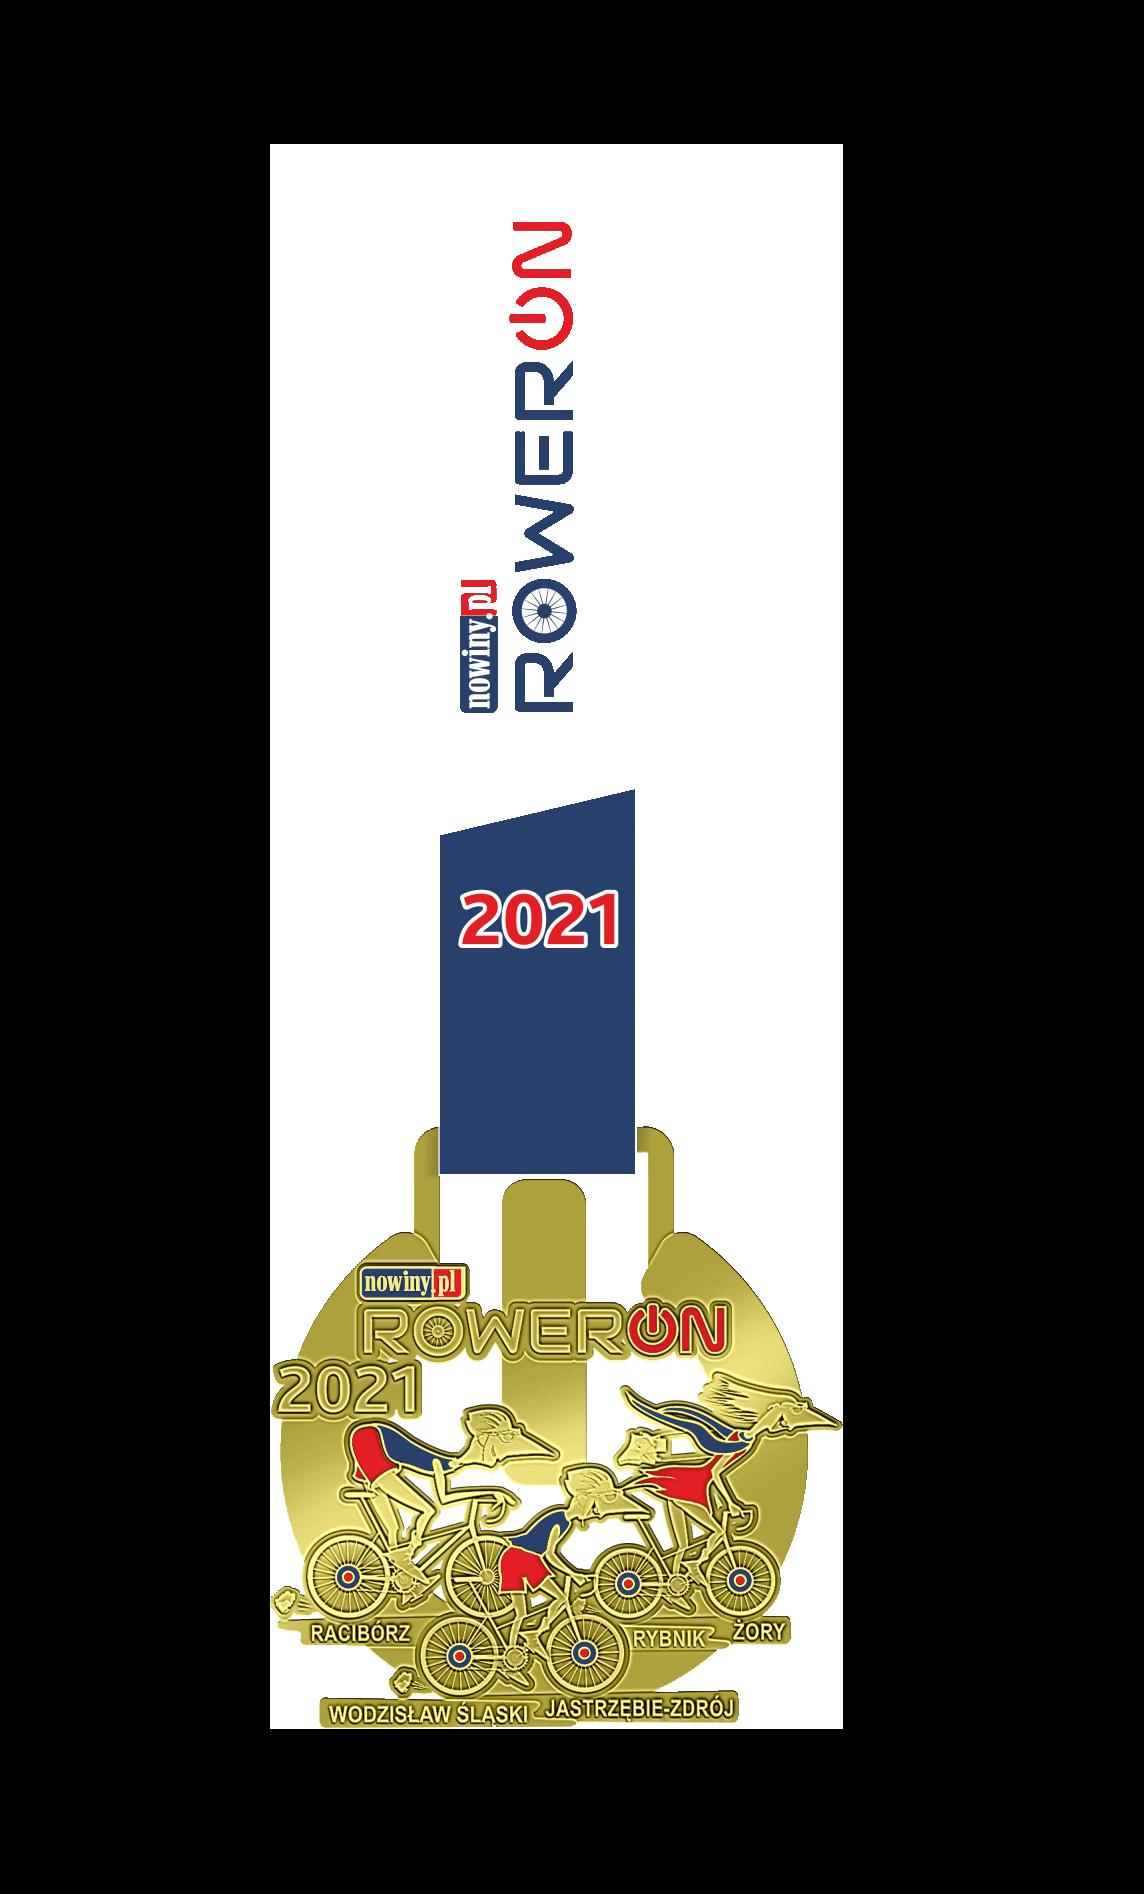 RowerON-medal_final-1-2.png